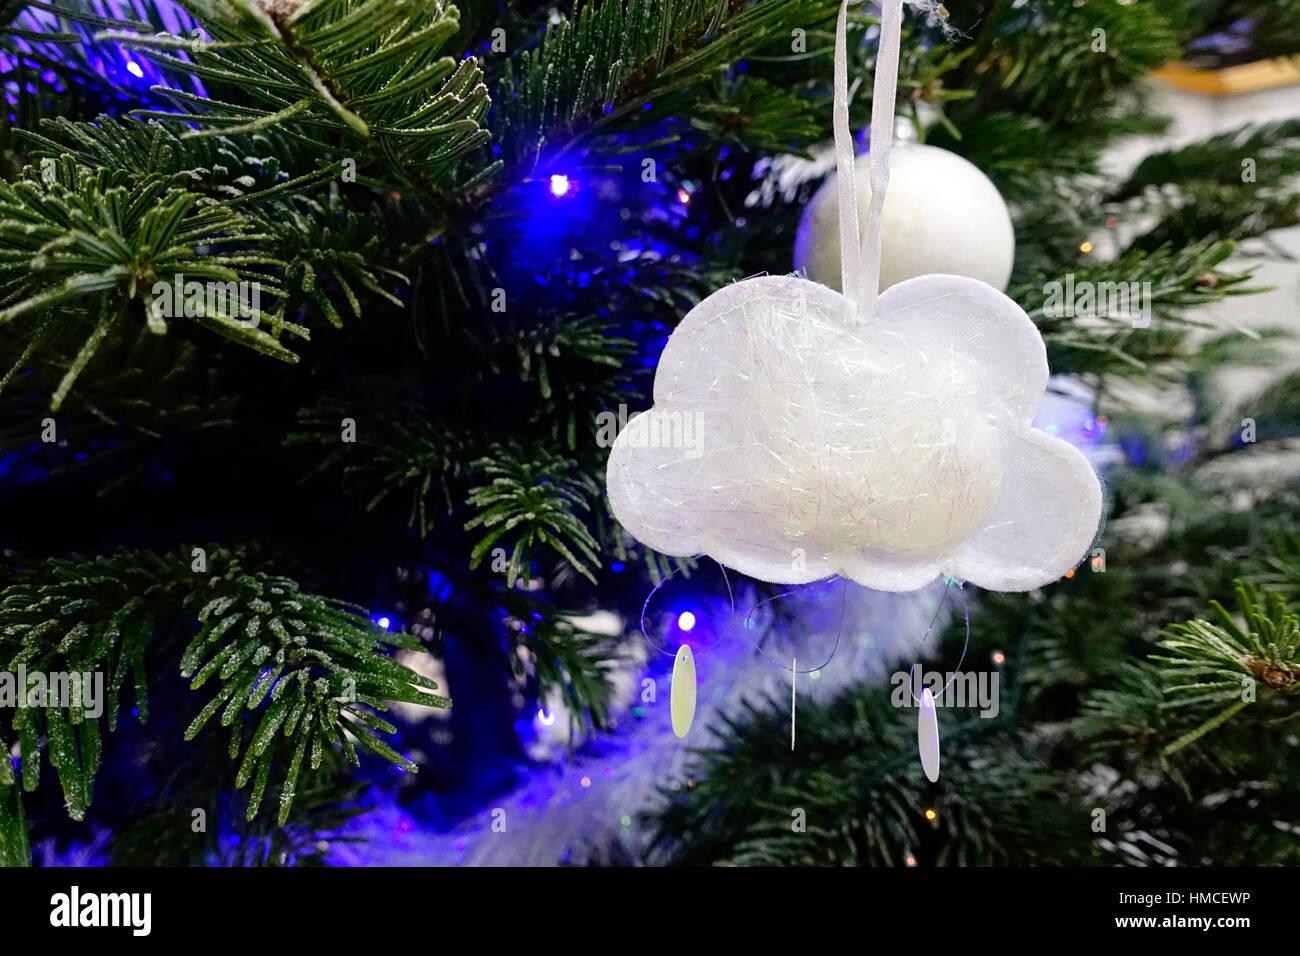 Article de décoration dans un sapin de Noël. Nuage. Stock Photo